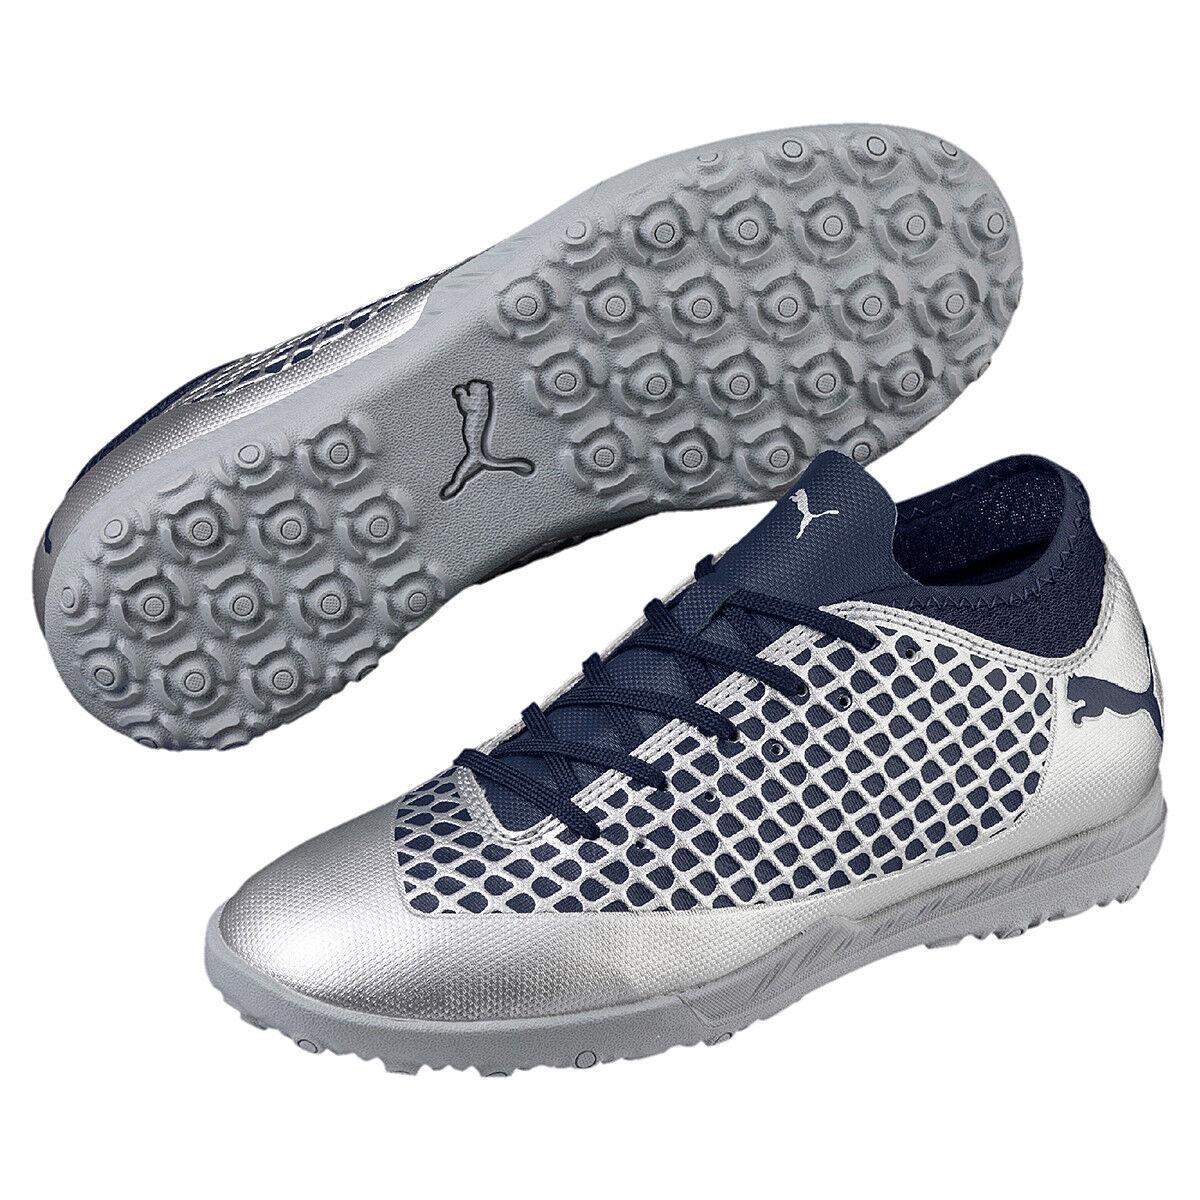 Puma Niños Zapatos de Fútbol Exterior Zapatillas para Pista Futuro 2.4 Tt Jr